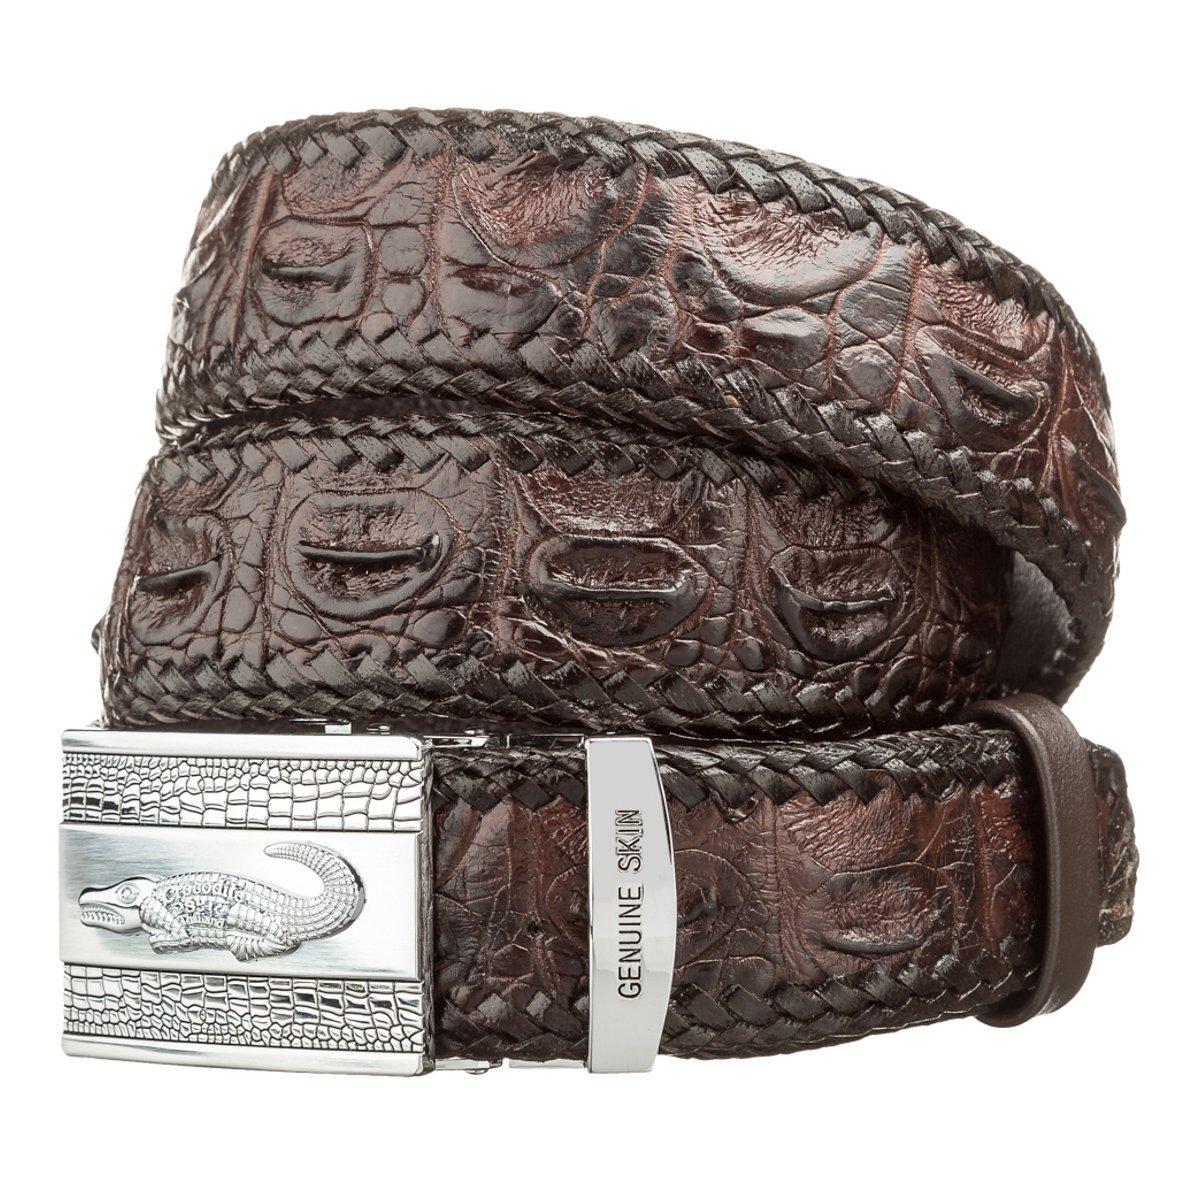 Ремень автоматический CROCODILE LEATHER 18598 из натуральной кожи крокодила Коричневый